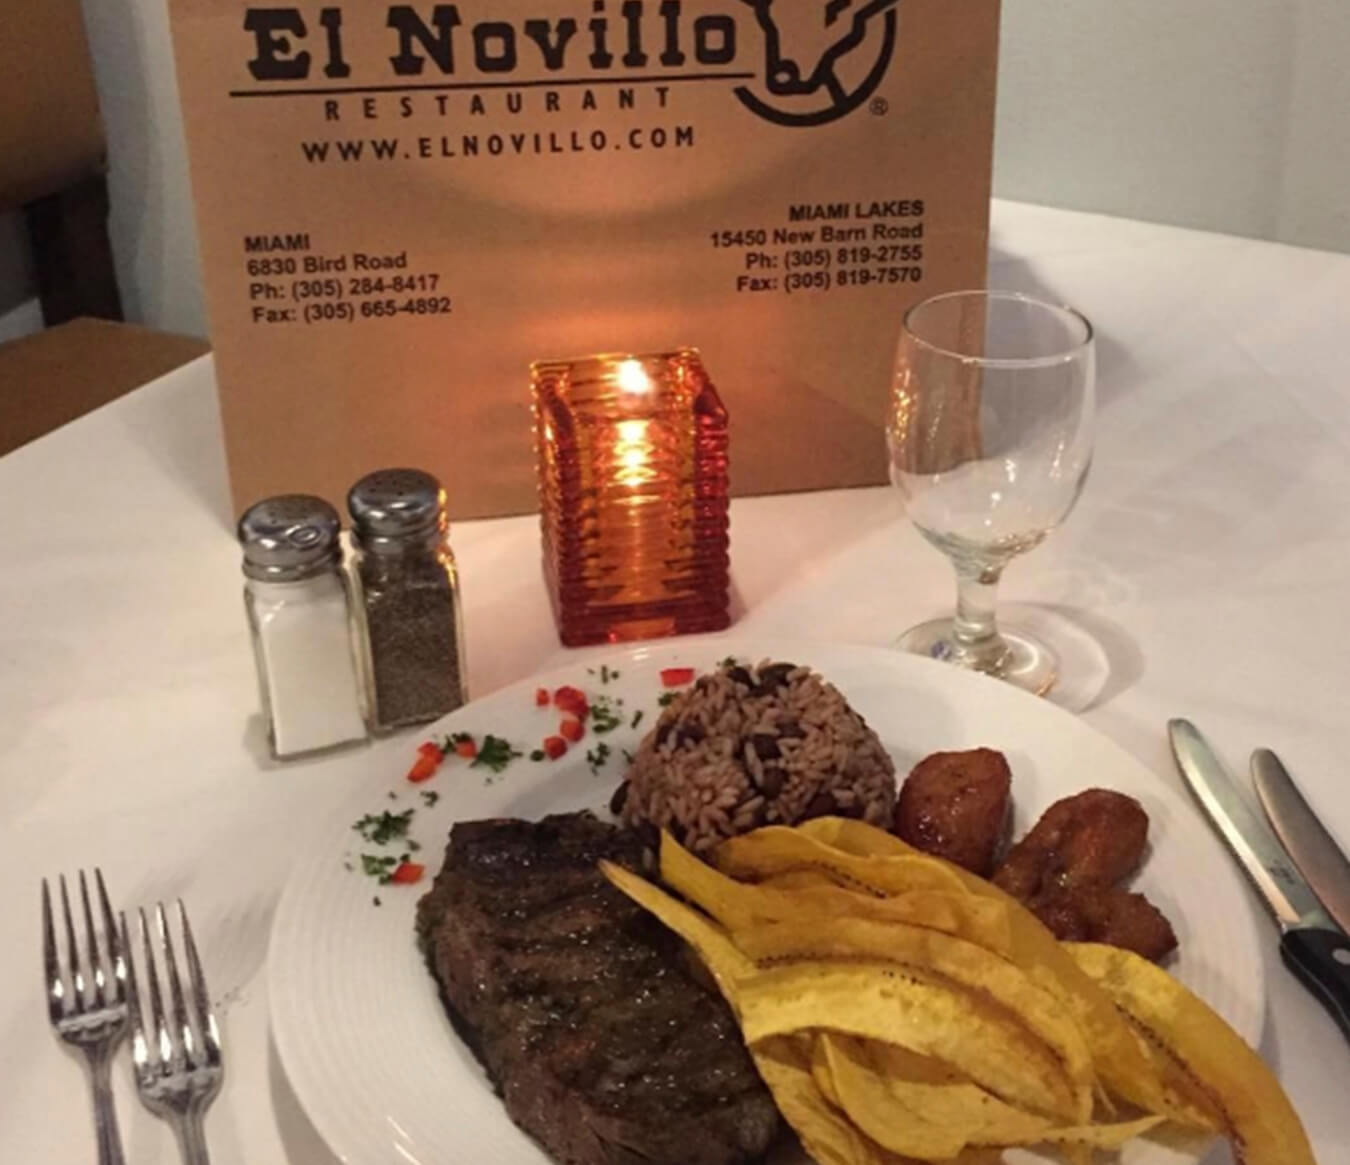 Where to Eat In Miami - El Novillo Restaurant